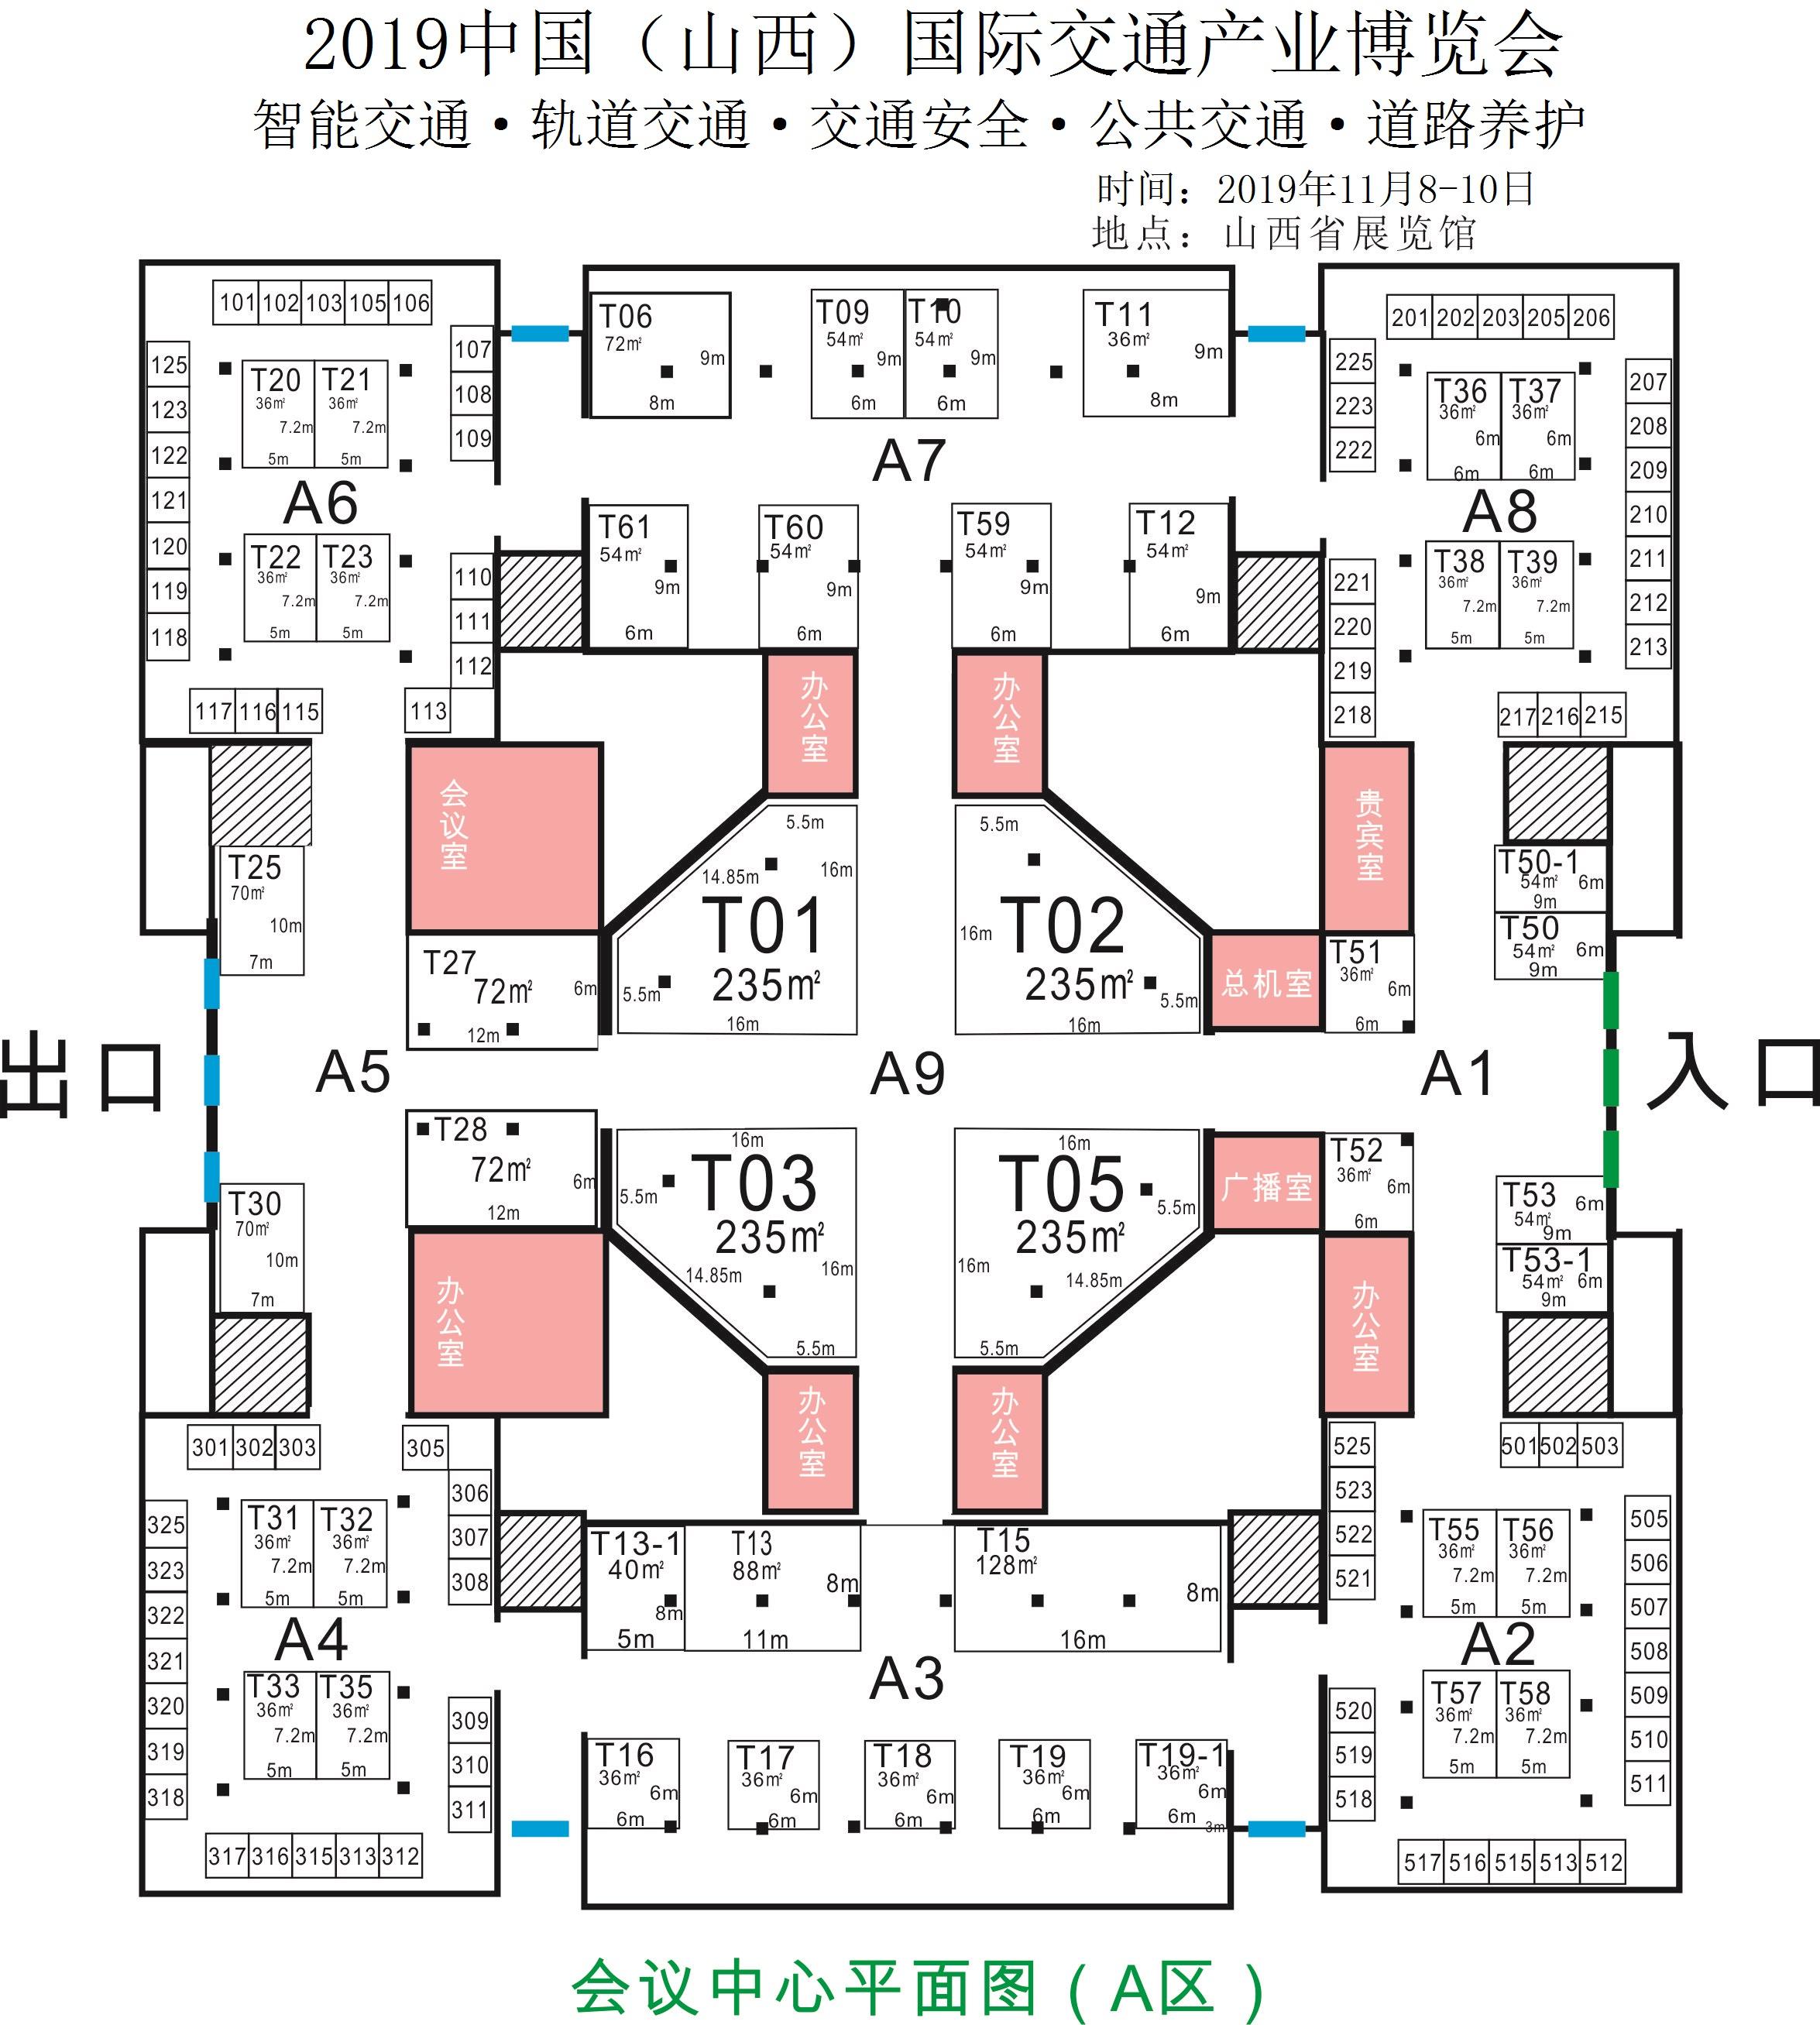 2019中国(山西)国际交通产业博览会展位平面图.jpg